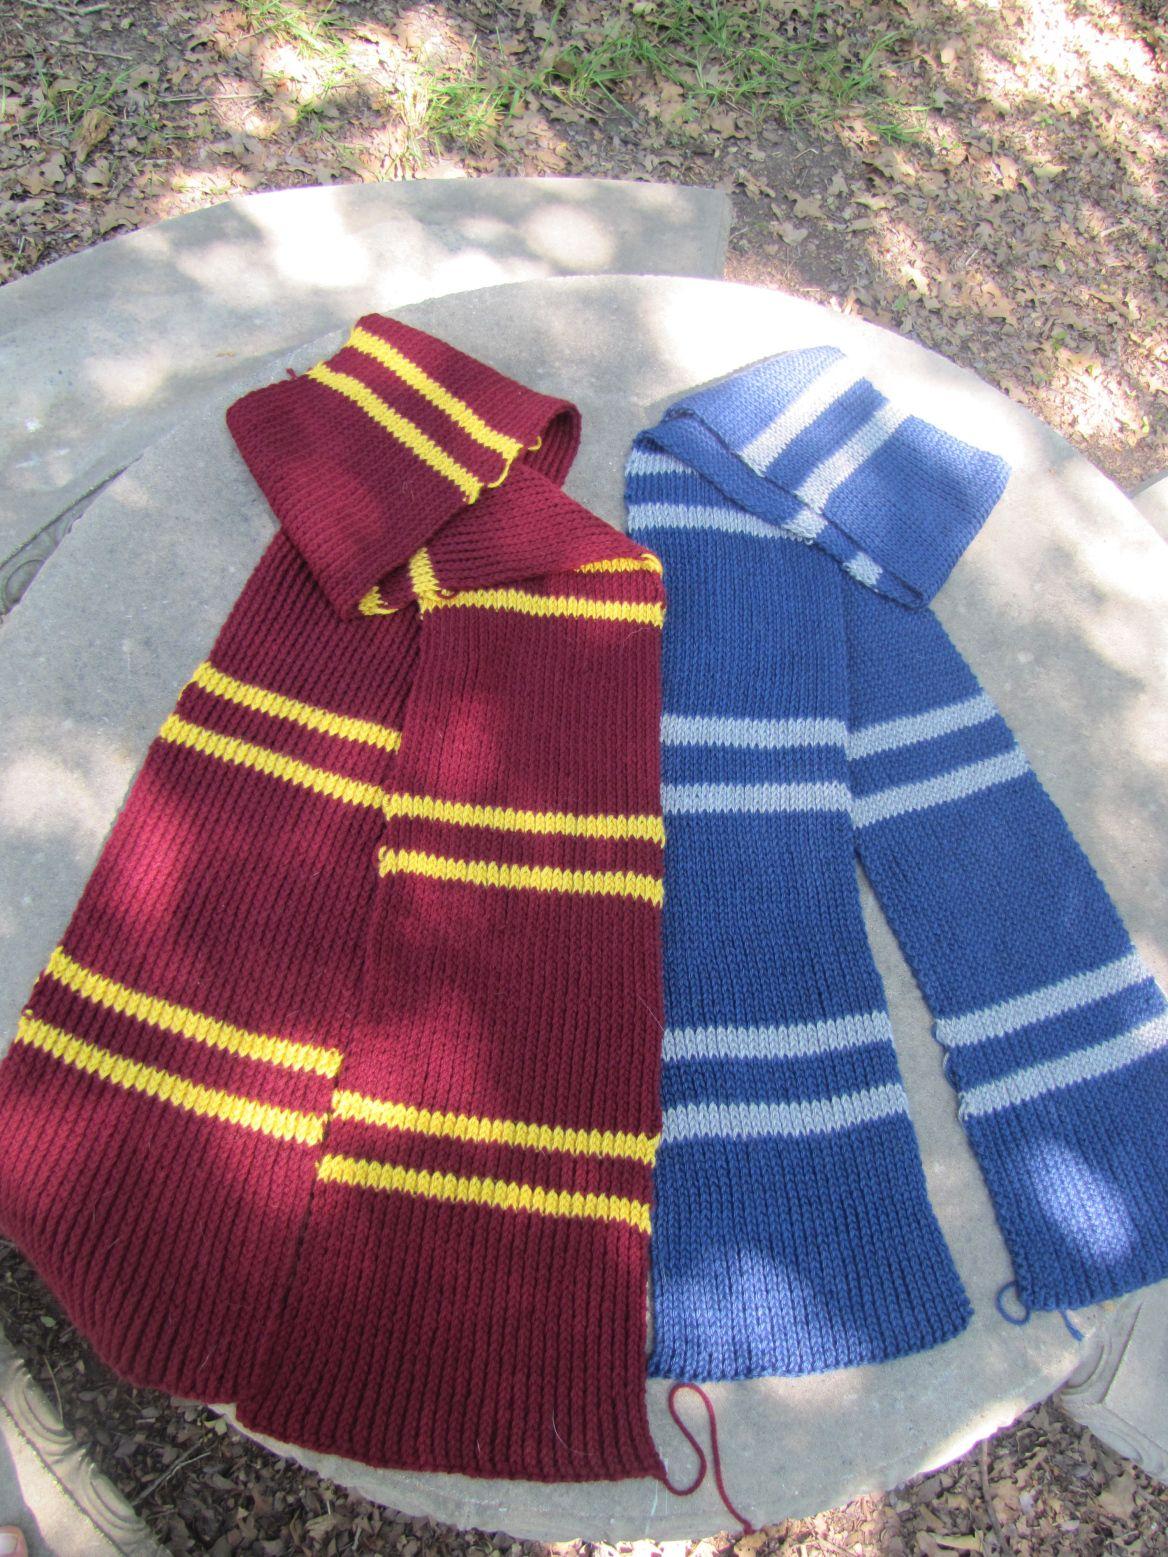 Hogwarts Knit Scarf Pattern Mk. II | Ravenclaw scarf, Crochet ...